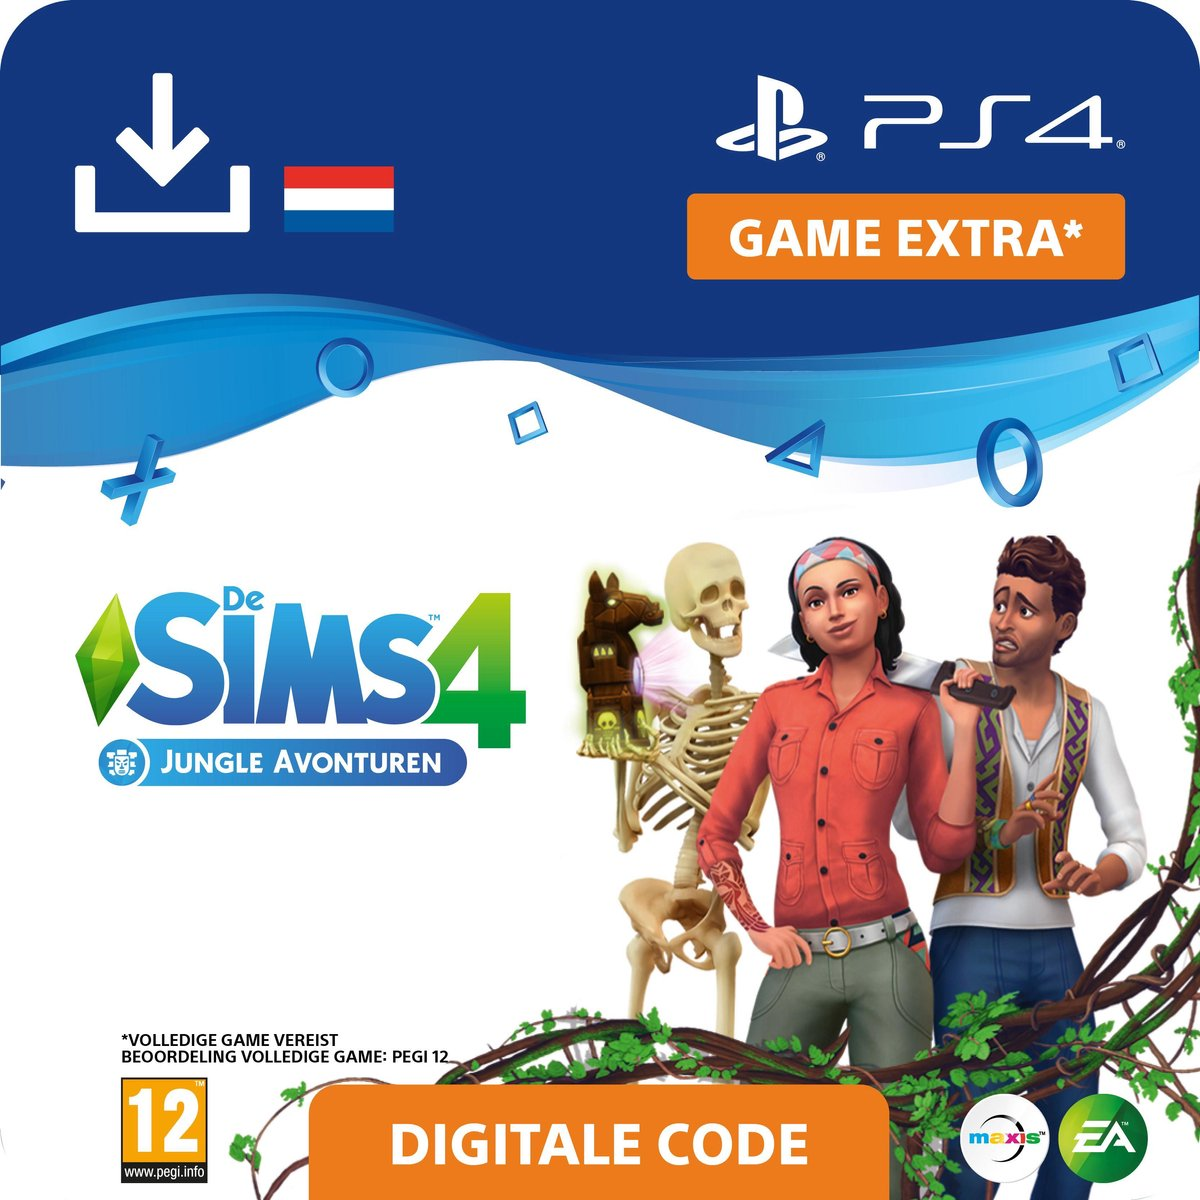 De Sims 4 - uitbreidingsset - Jungle Avonturen - NL - PS4 download